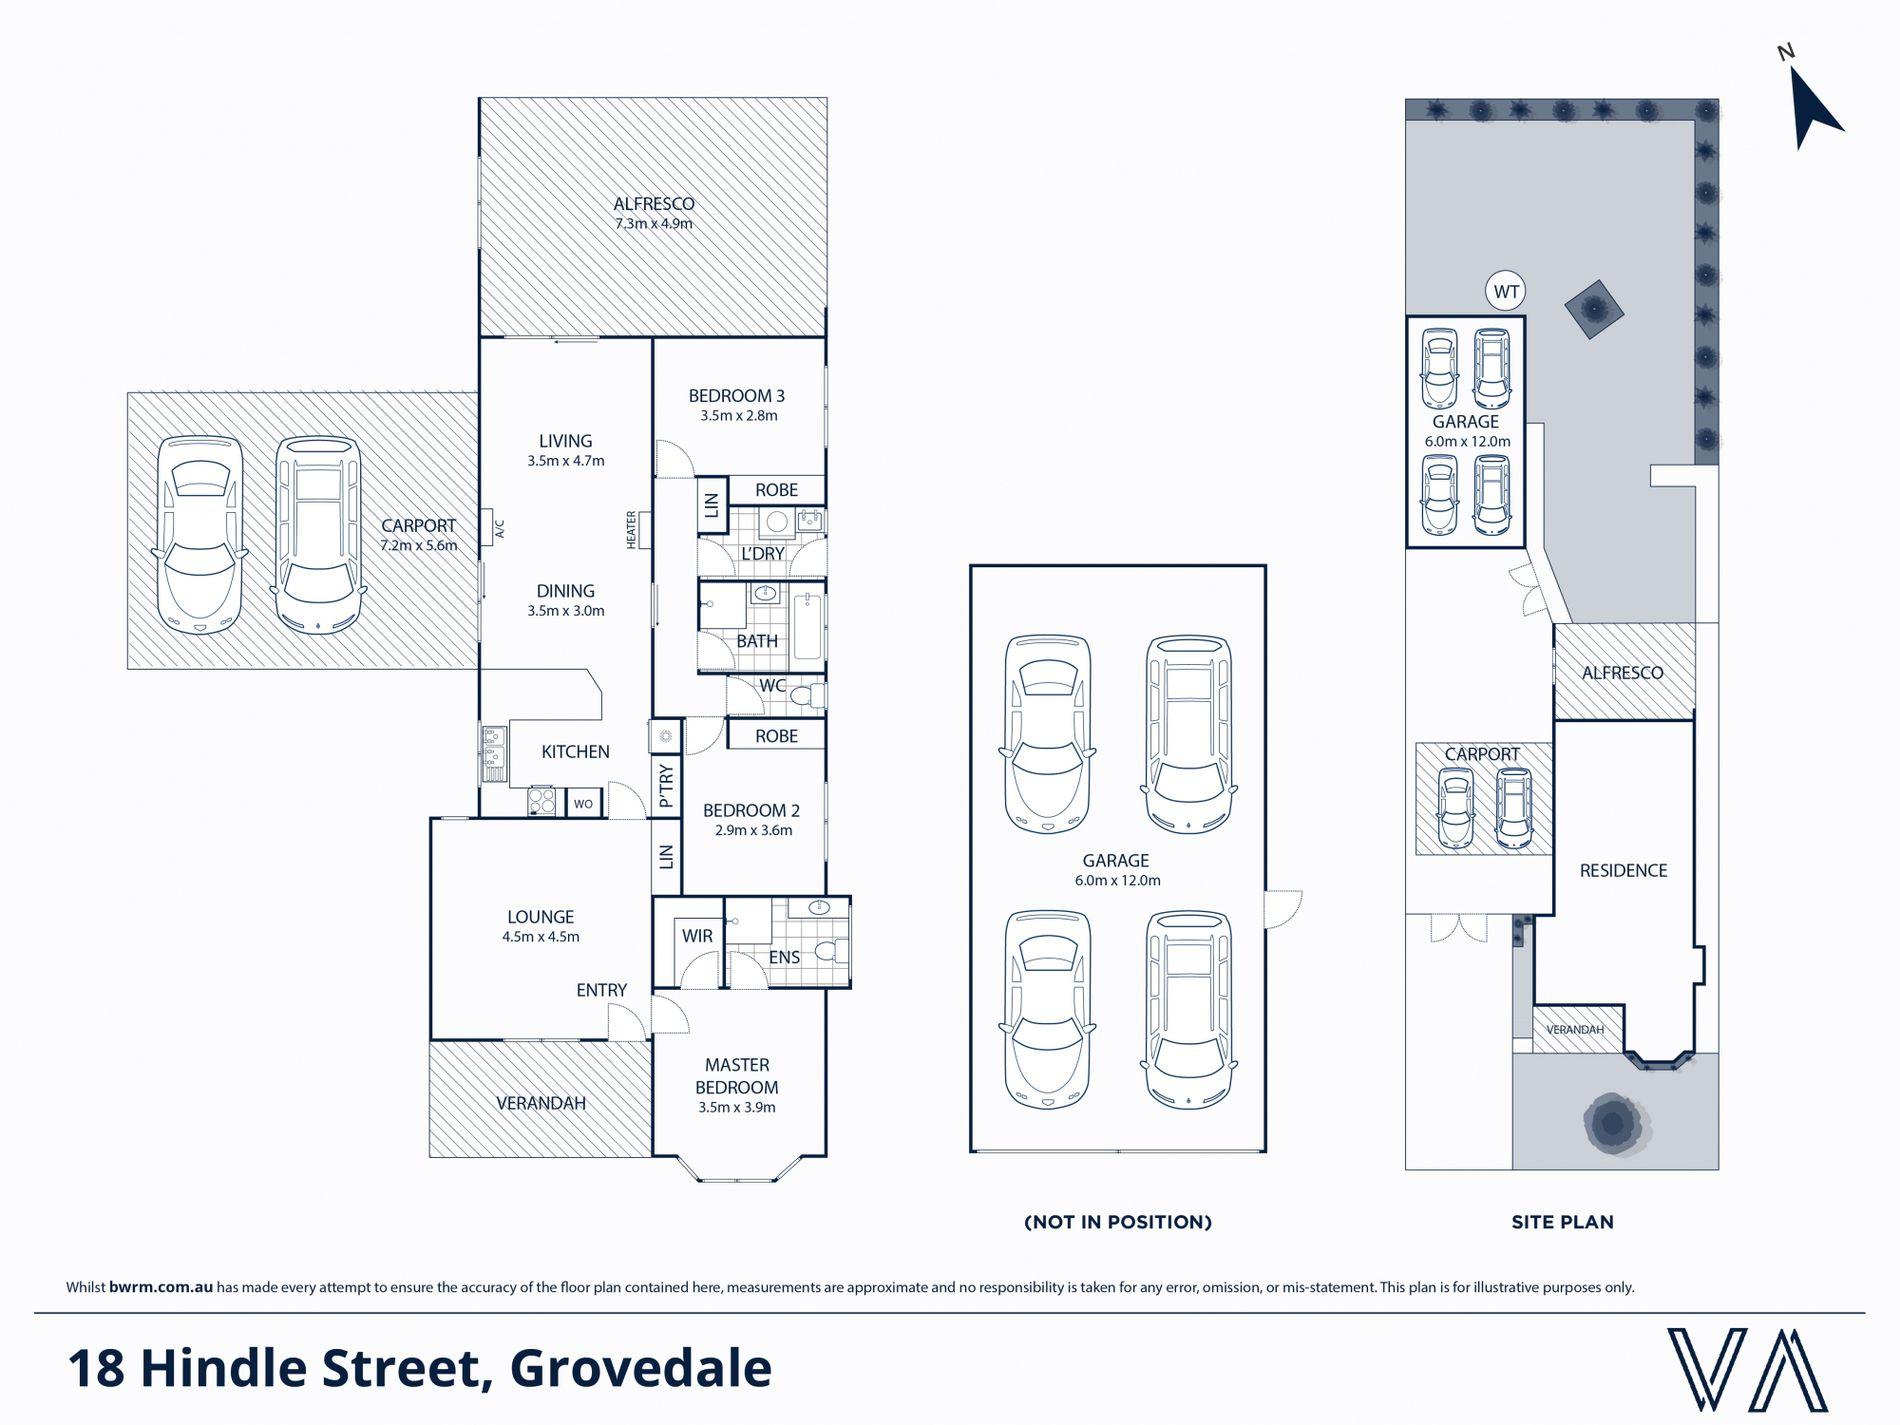 18 Hindle Street, Grovedale